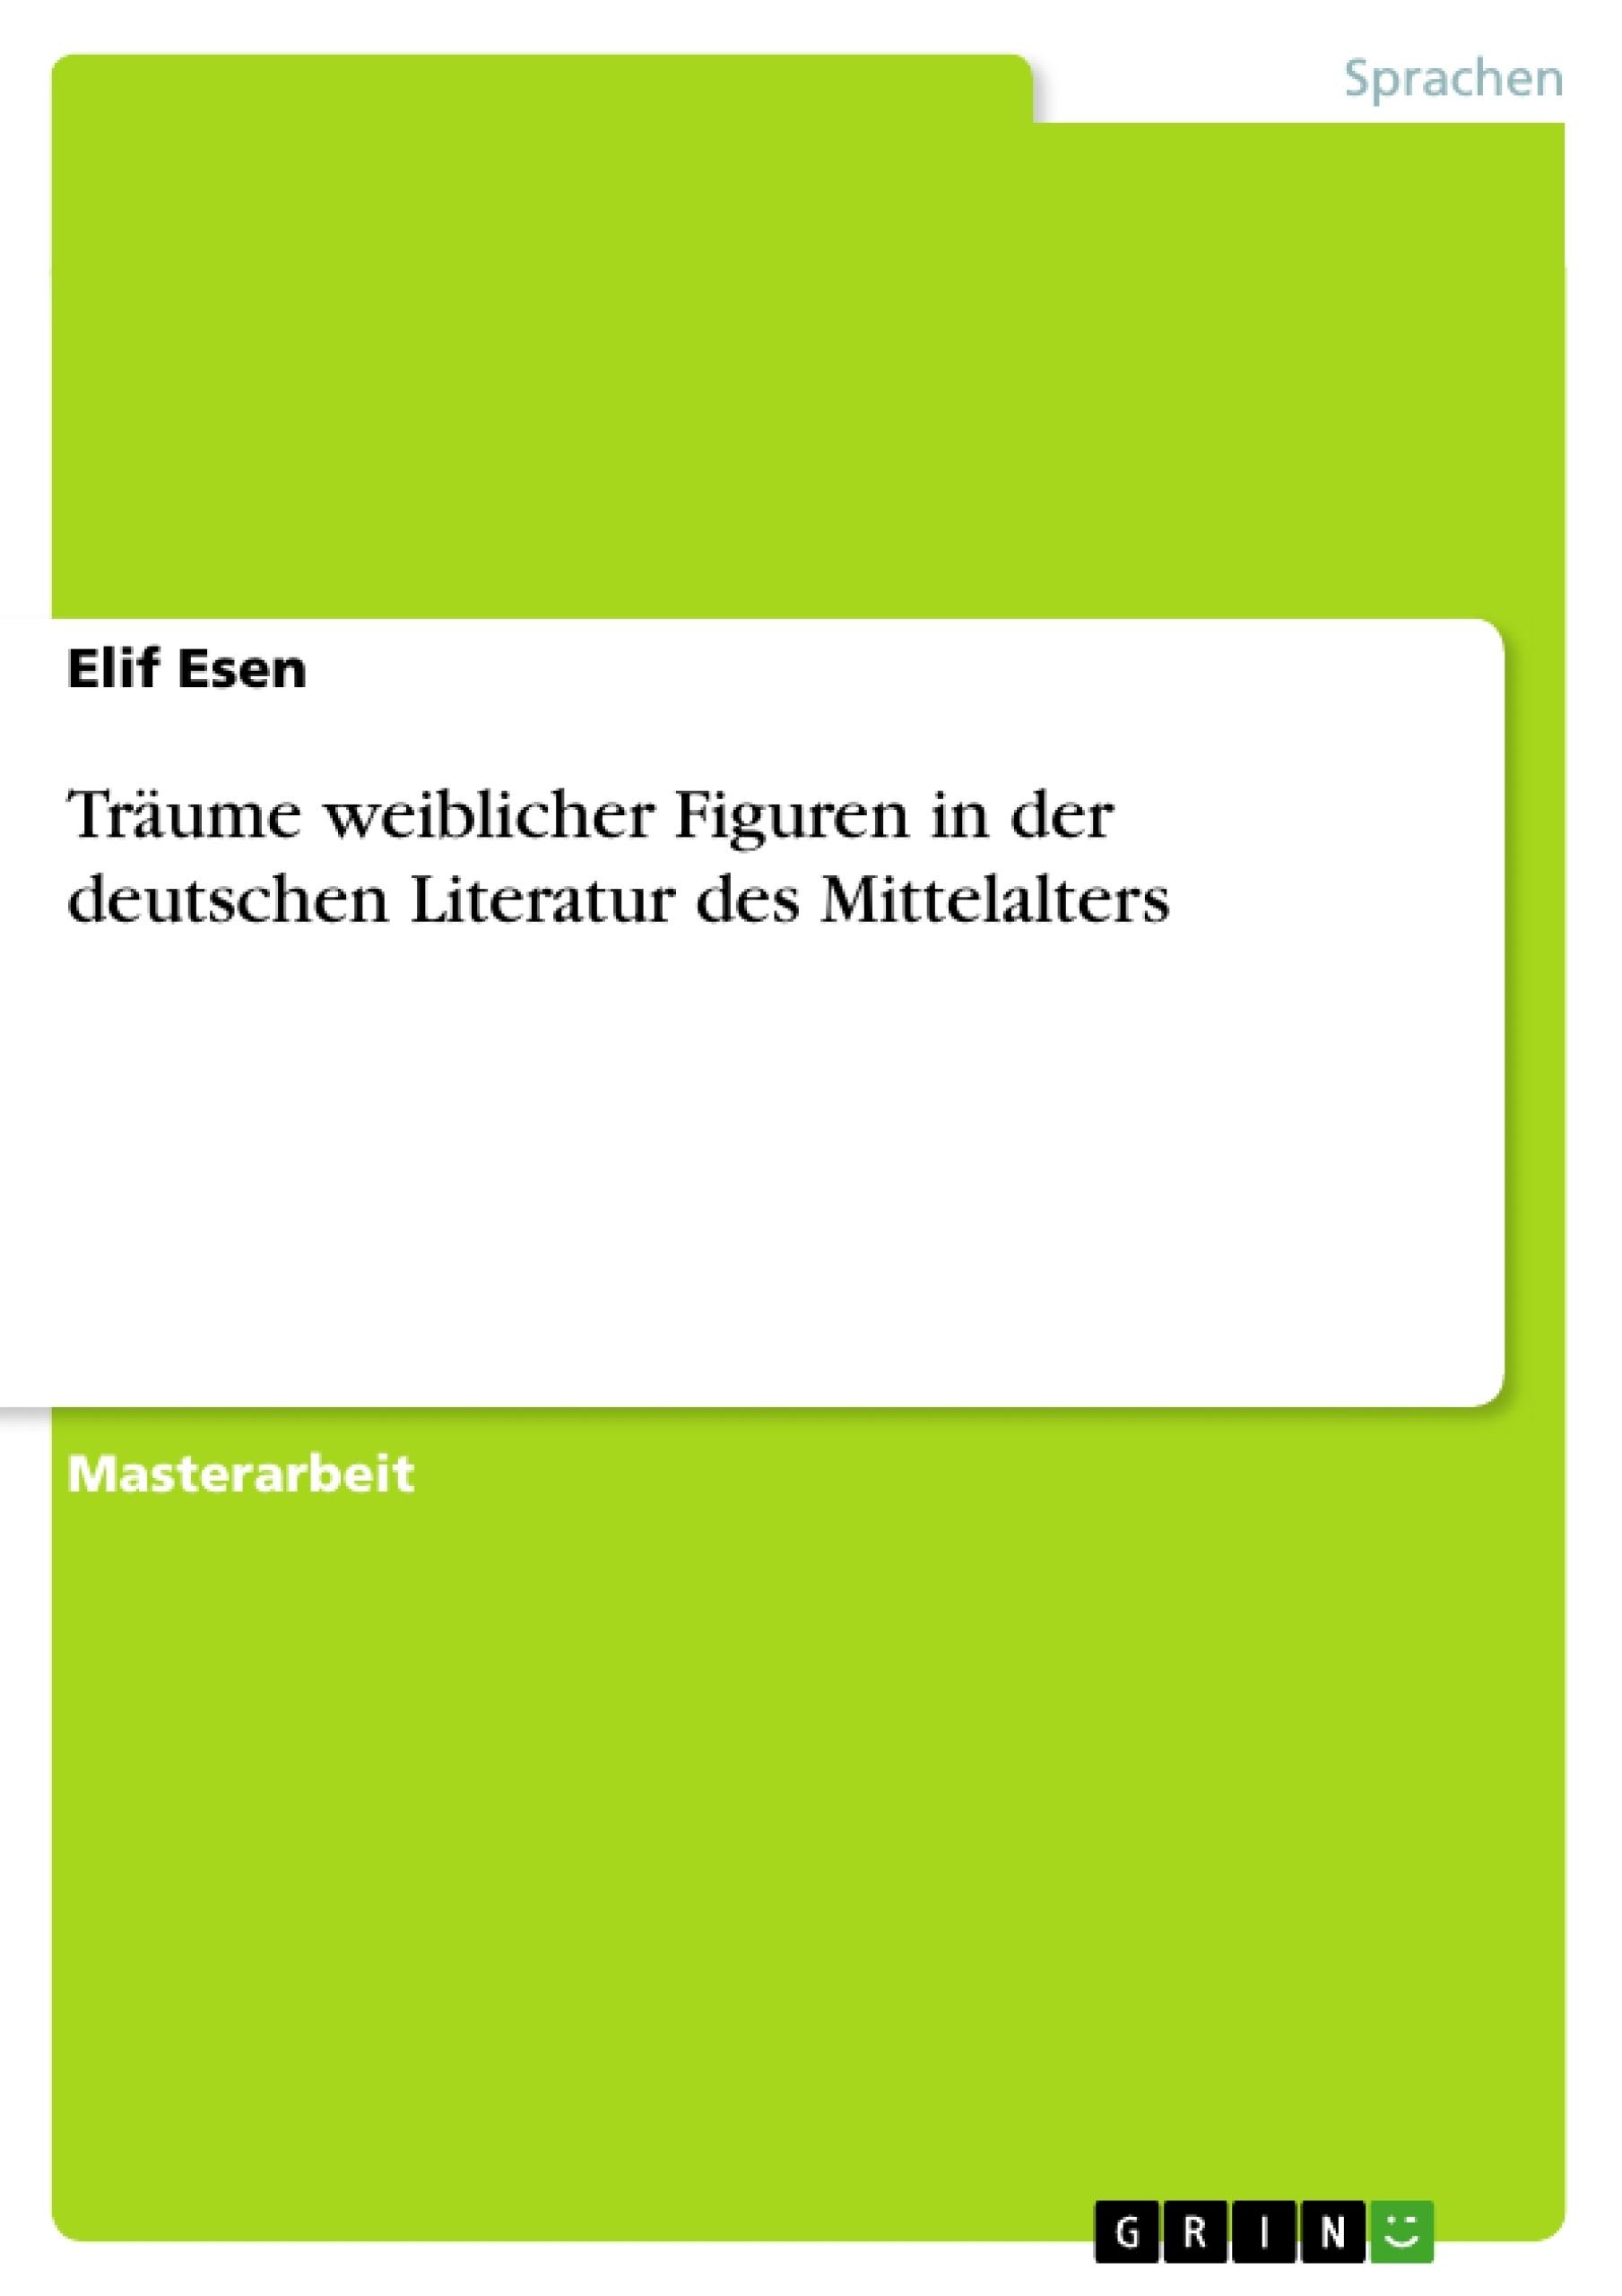 Titel: Träume weiblicher Figuren in der deutschen Literatur des Mittelalters